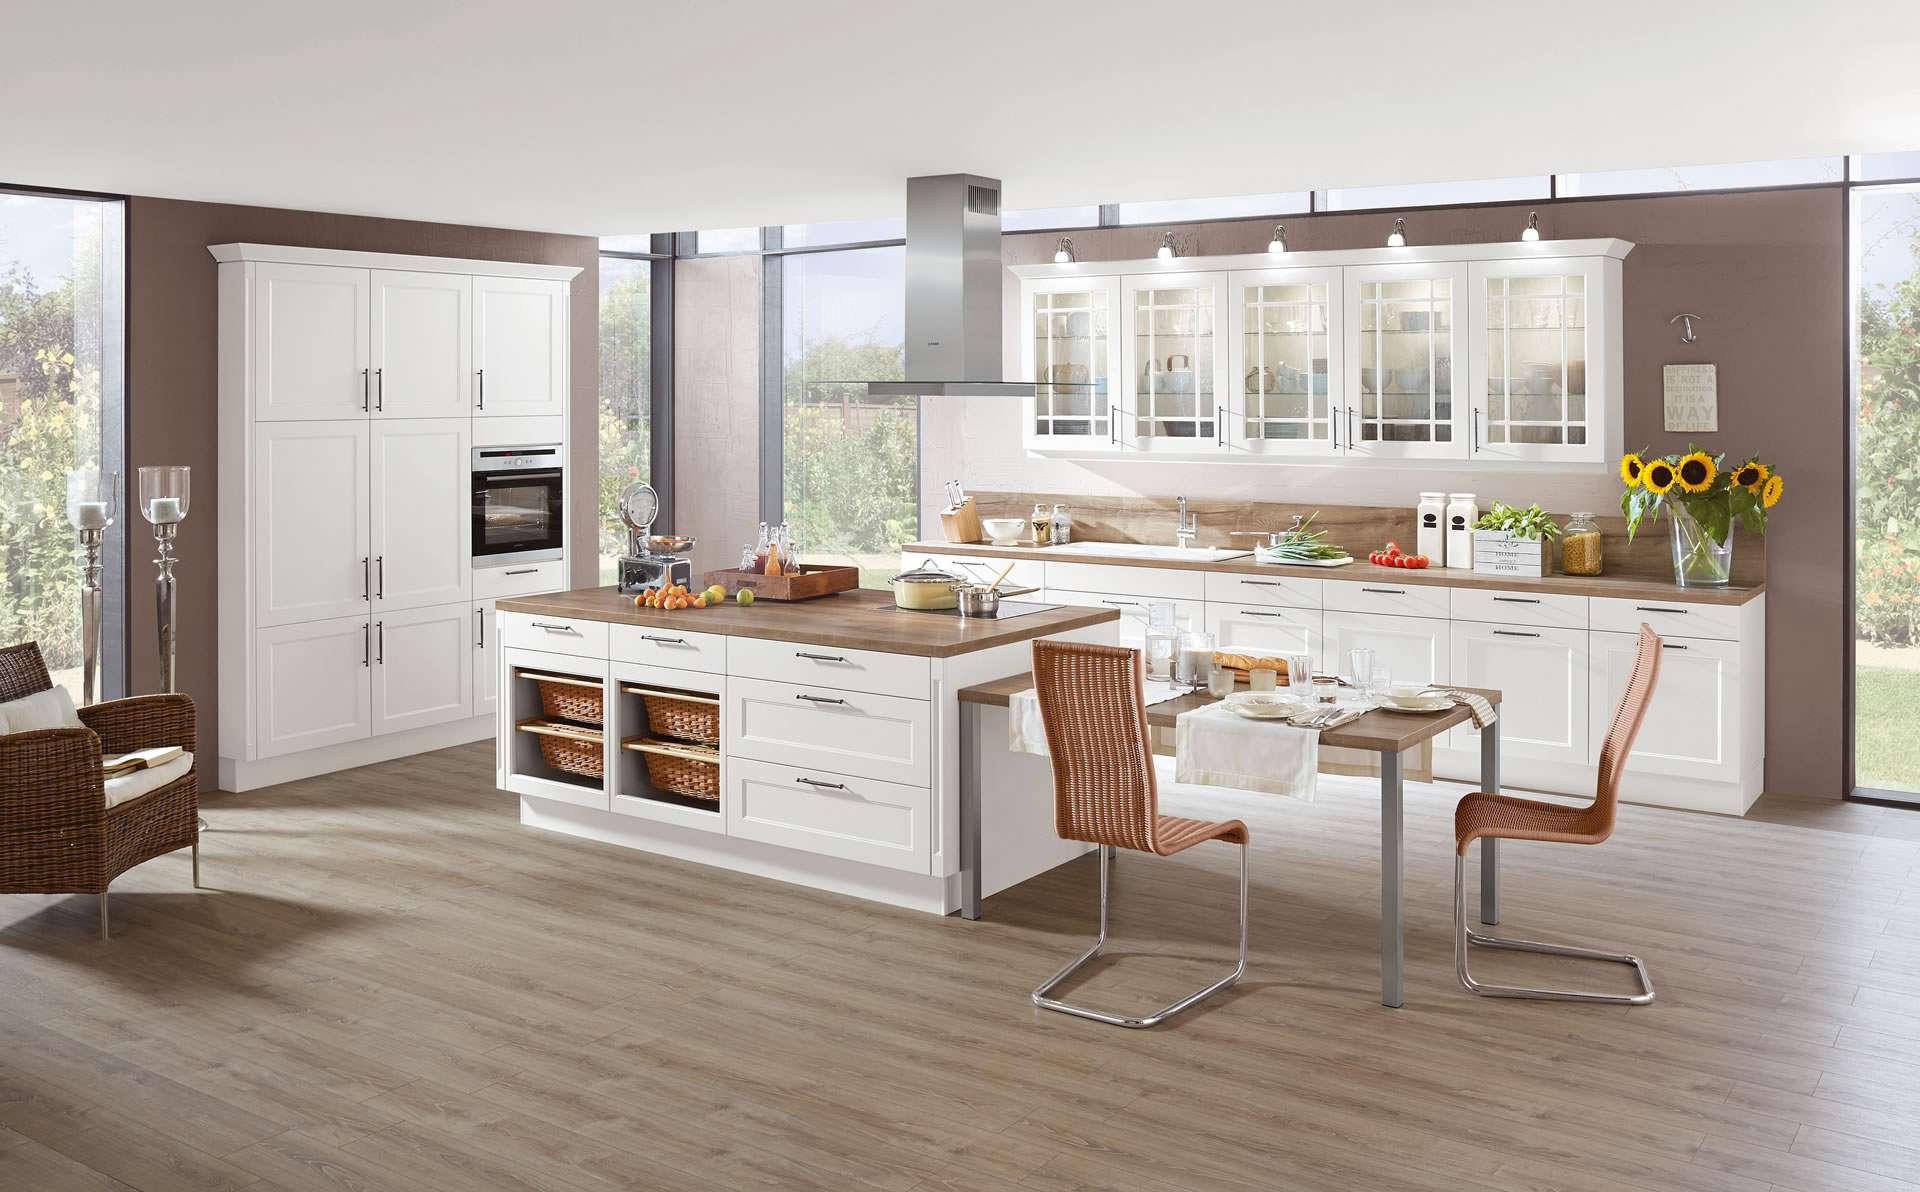 Insel Küchen Nobilia | Moderne Küche Mit Kochinsel Fotografie Küchen ...